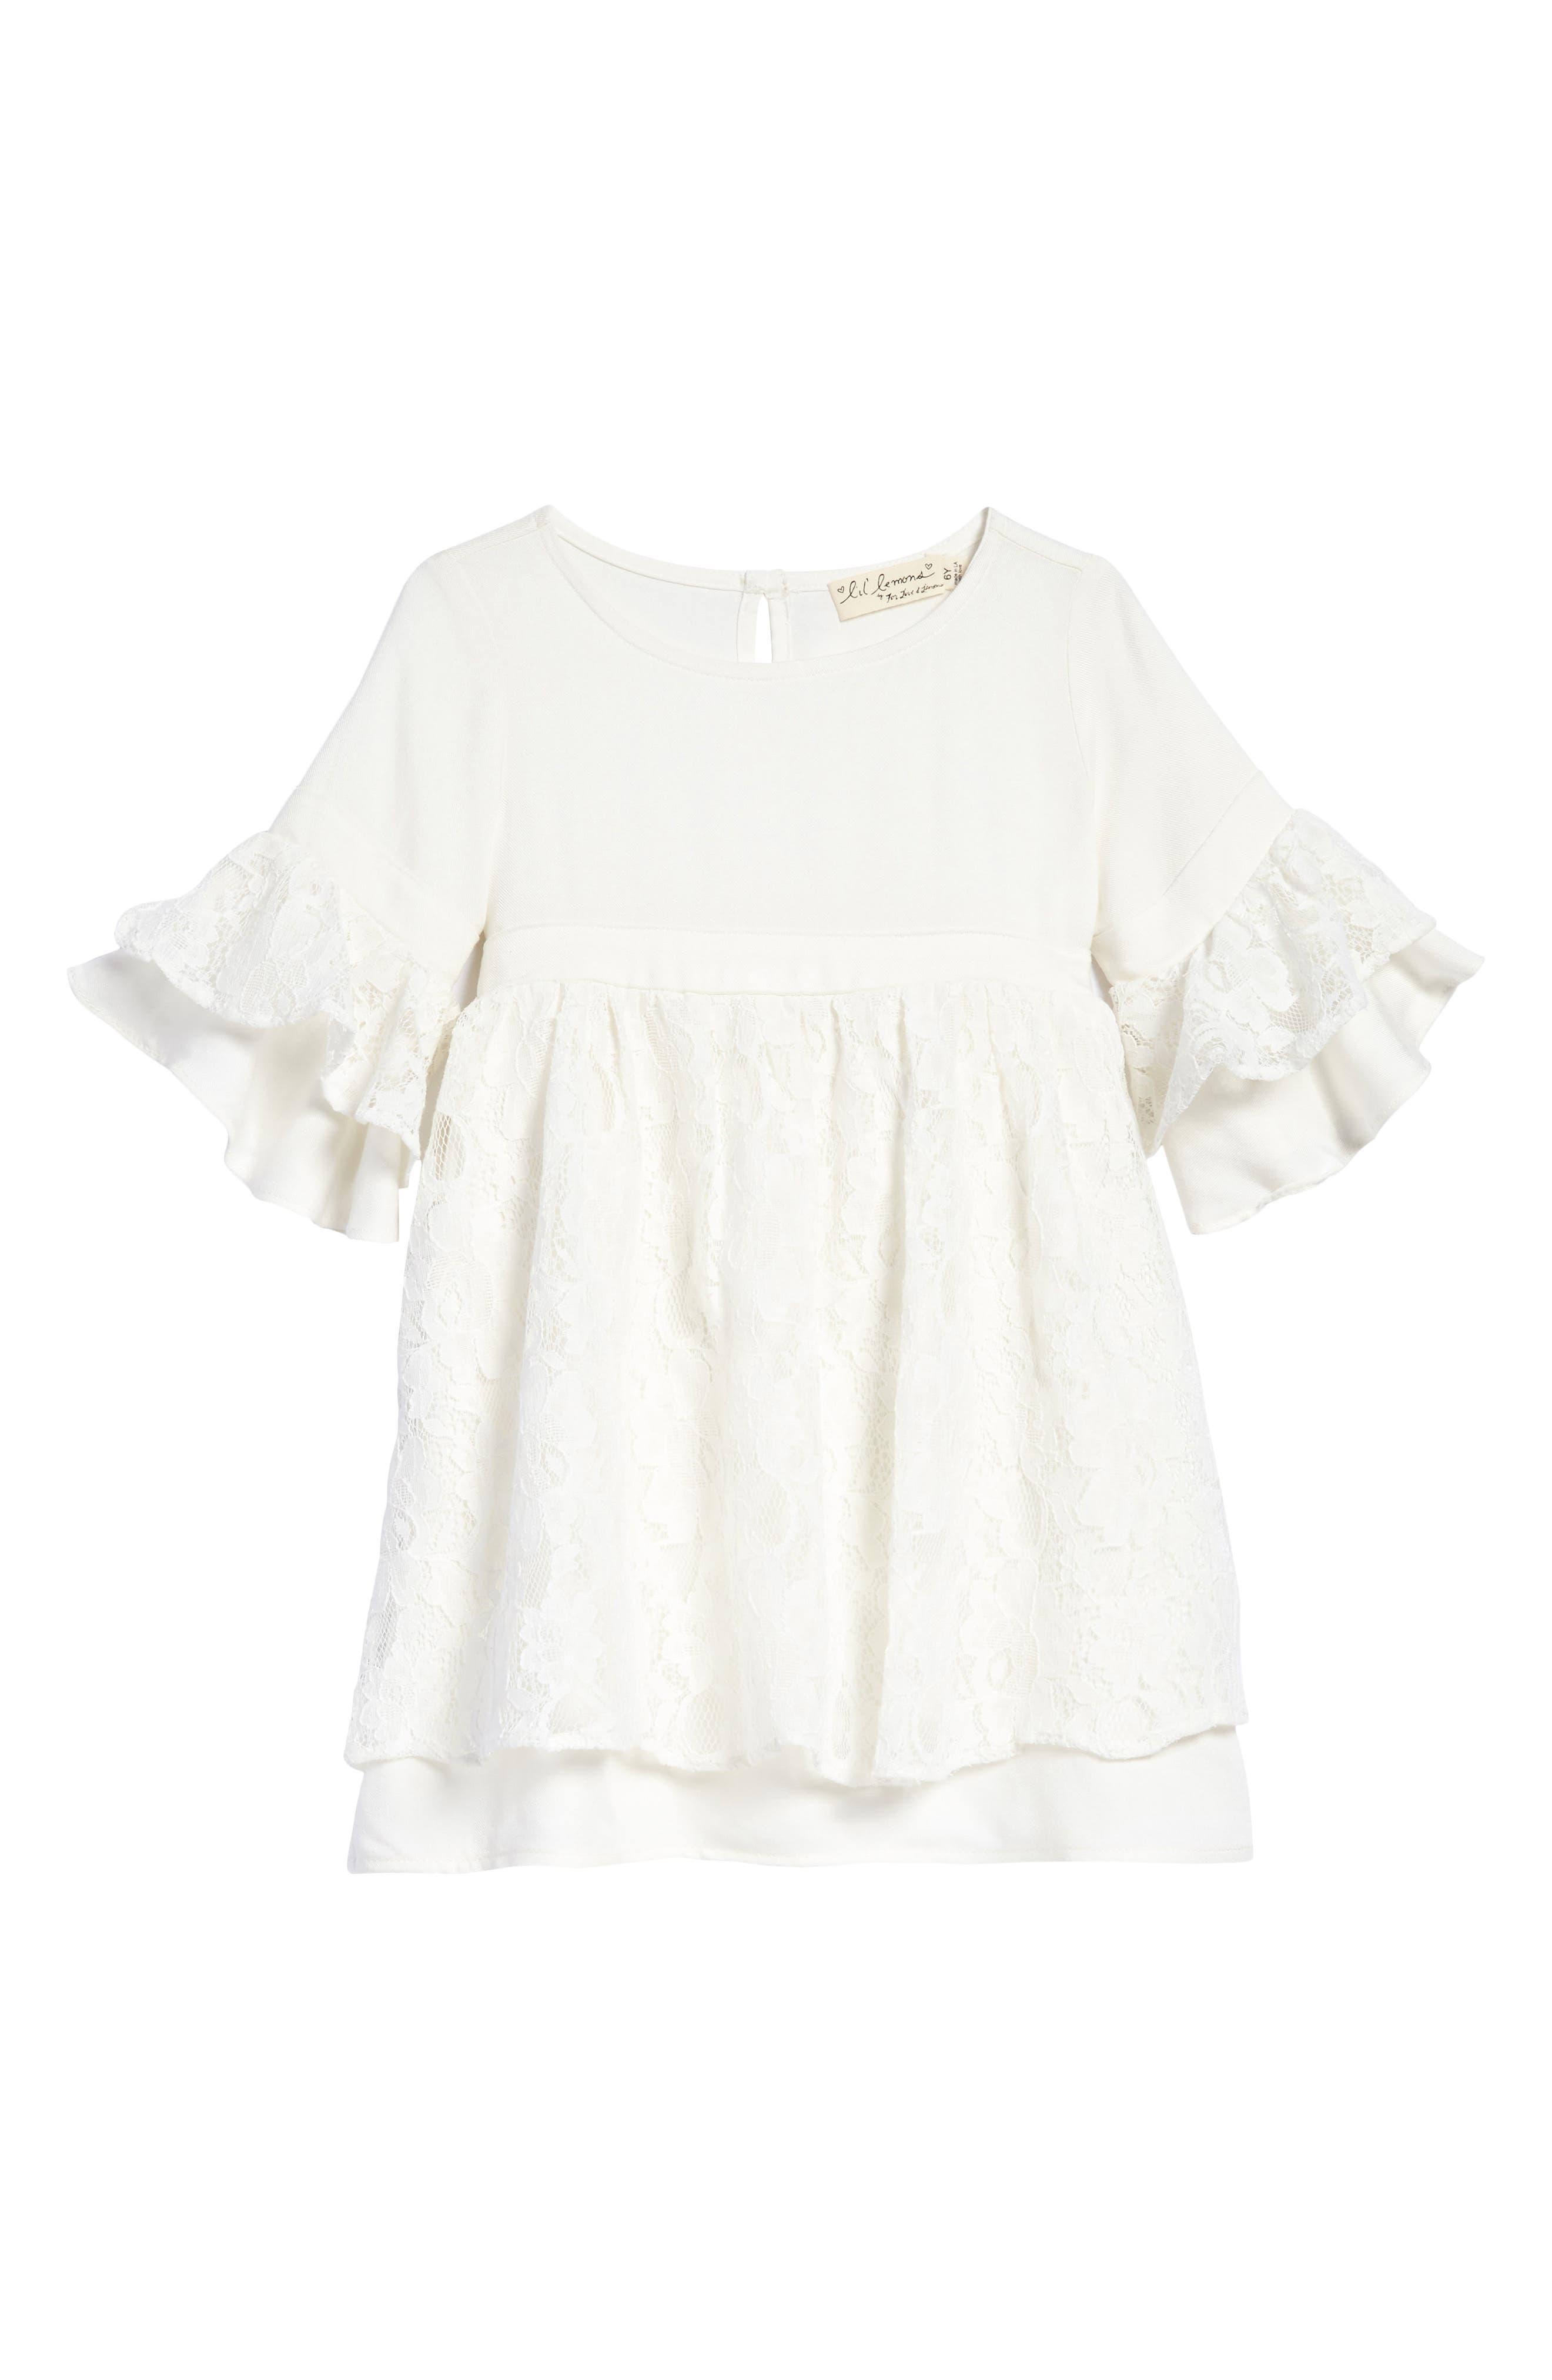 Lil Lemons by For Love & Lemons Lyla Lace Dress (Toddler Girls & Little Girls)